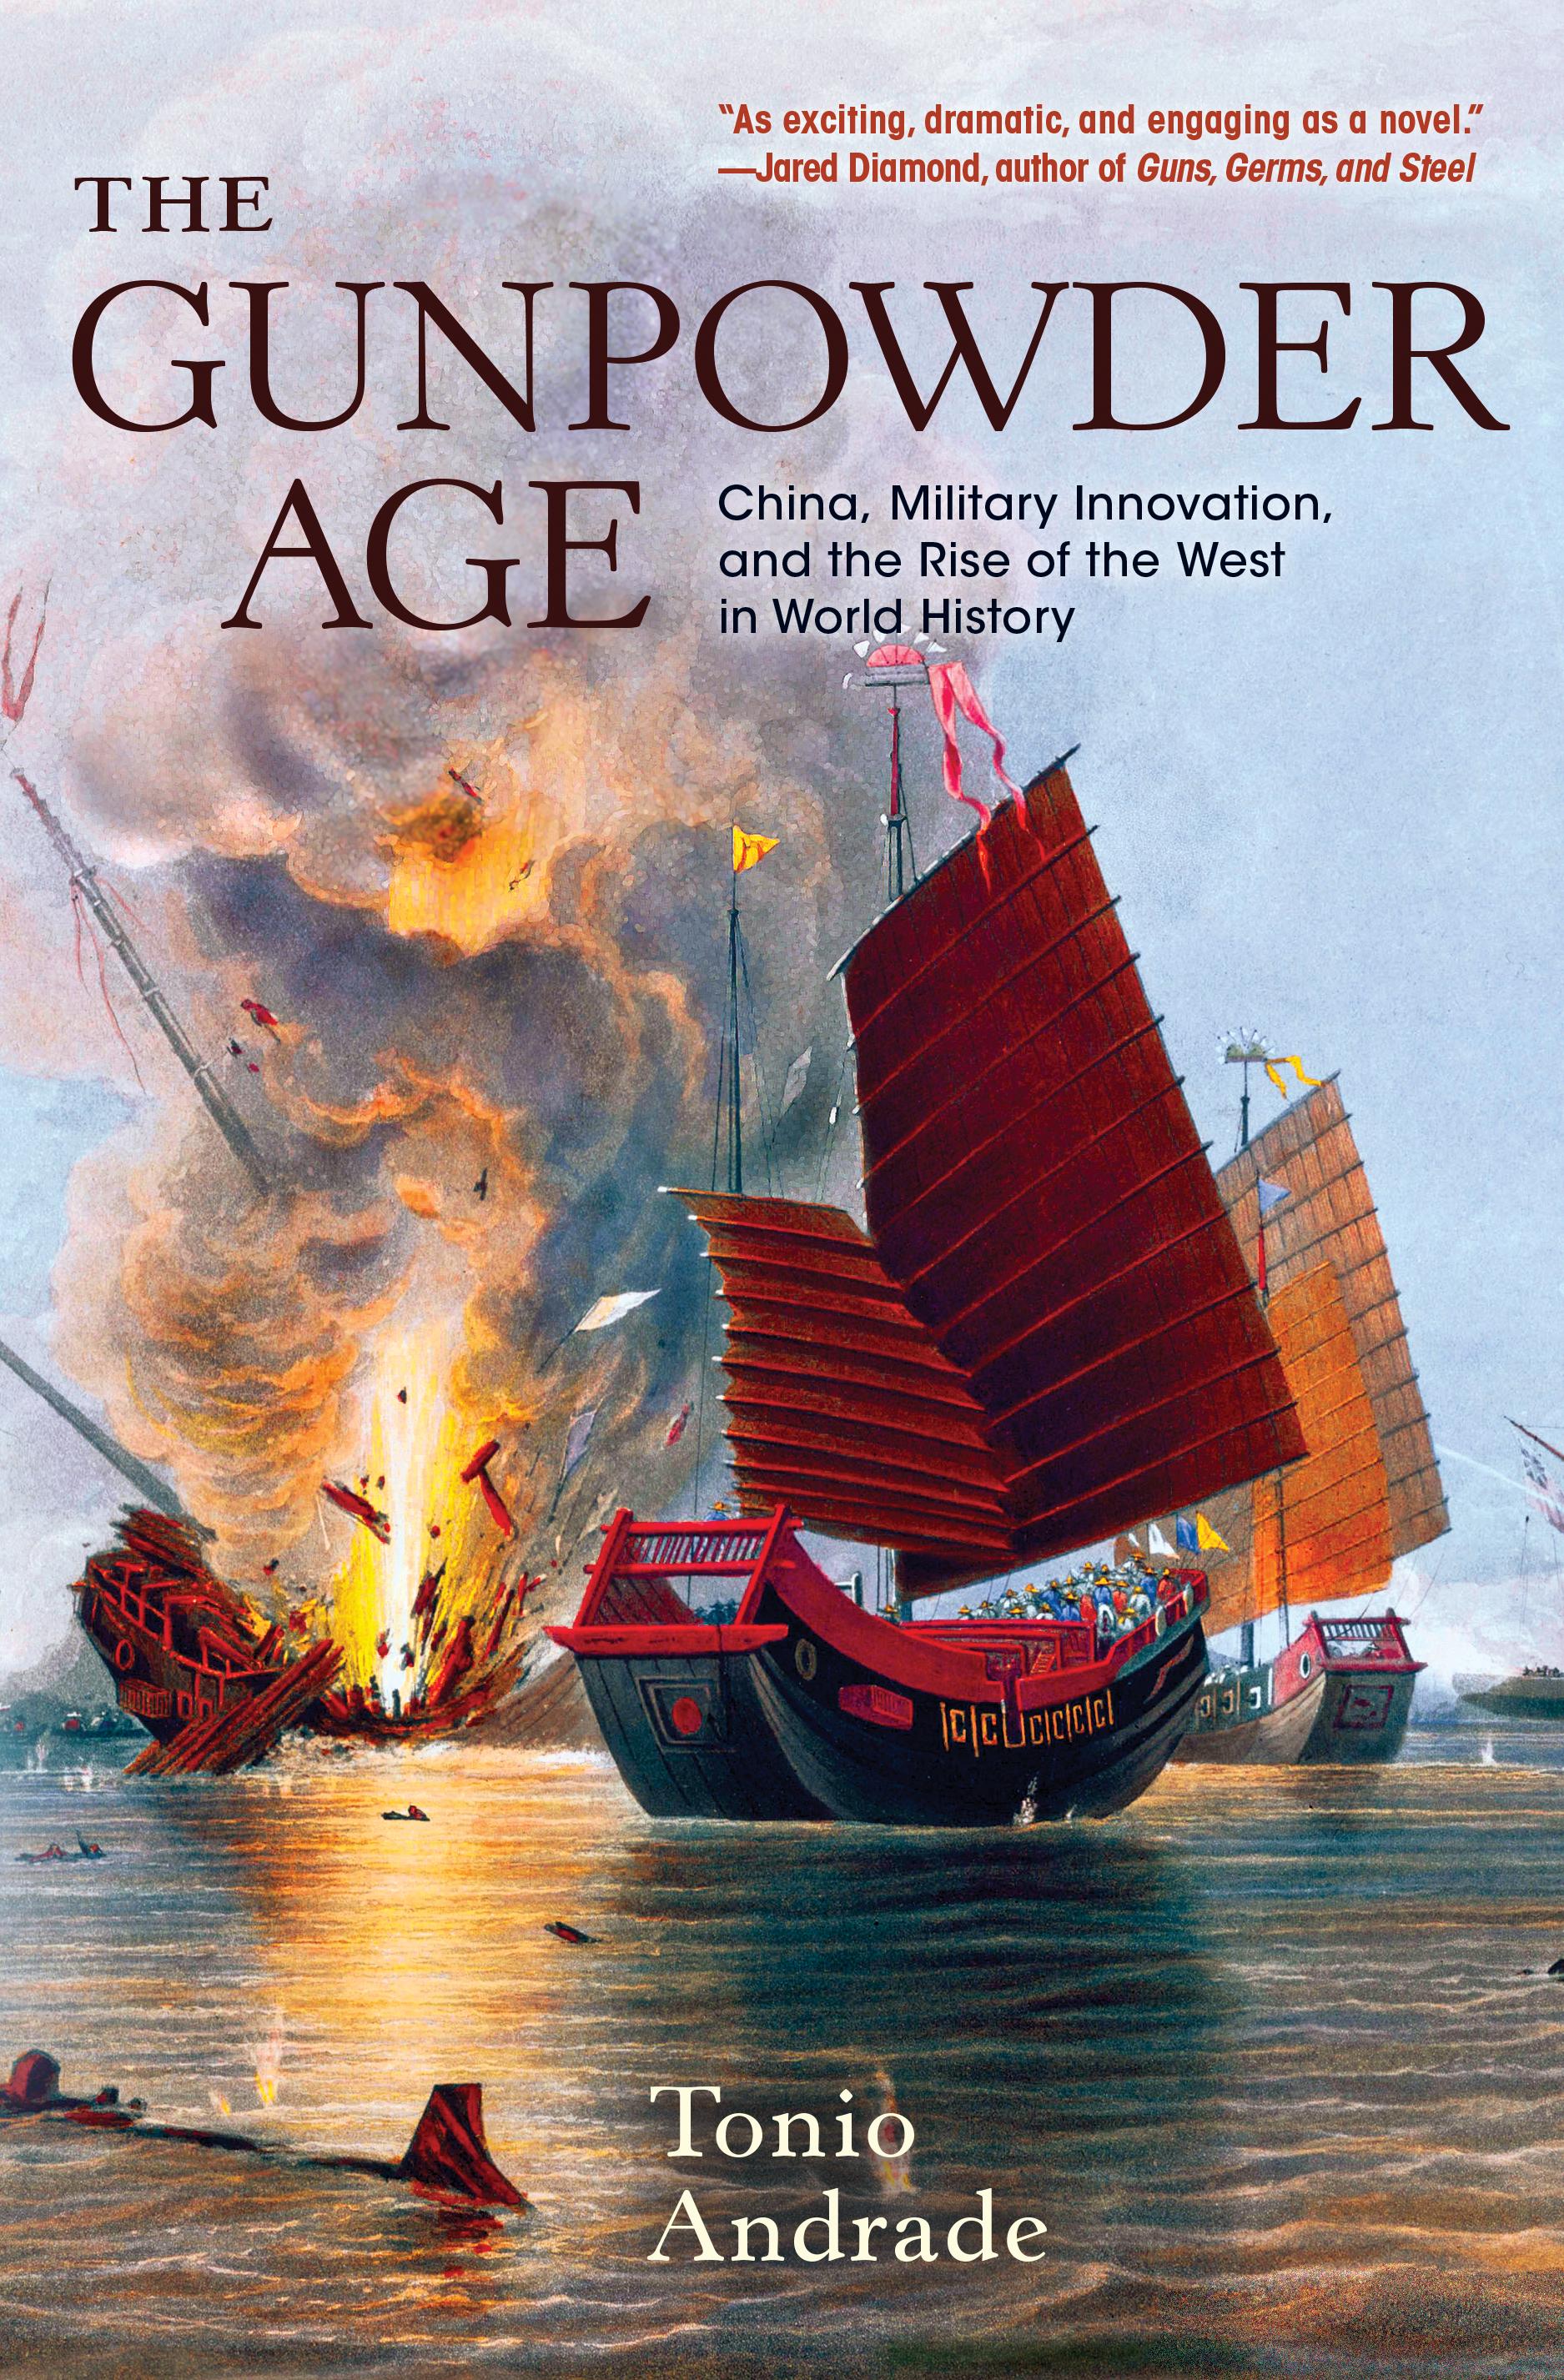 gunpowder changed the world essay